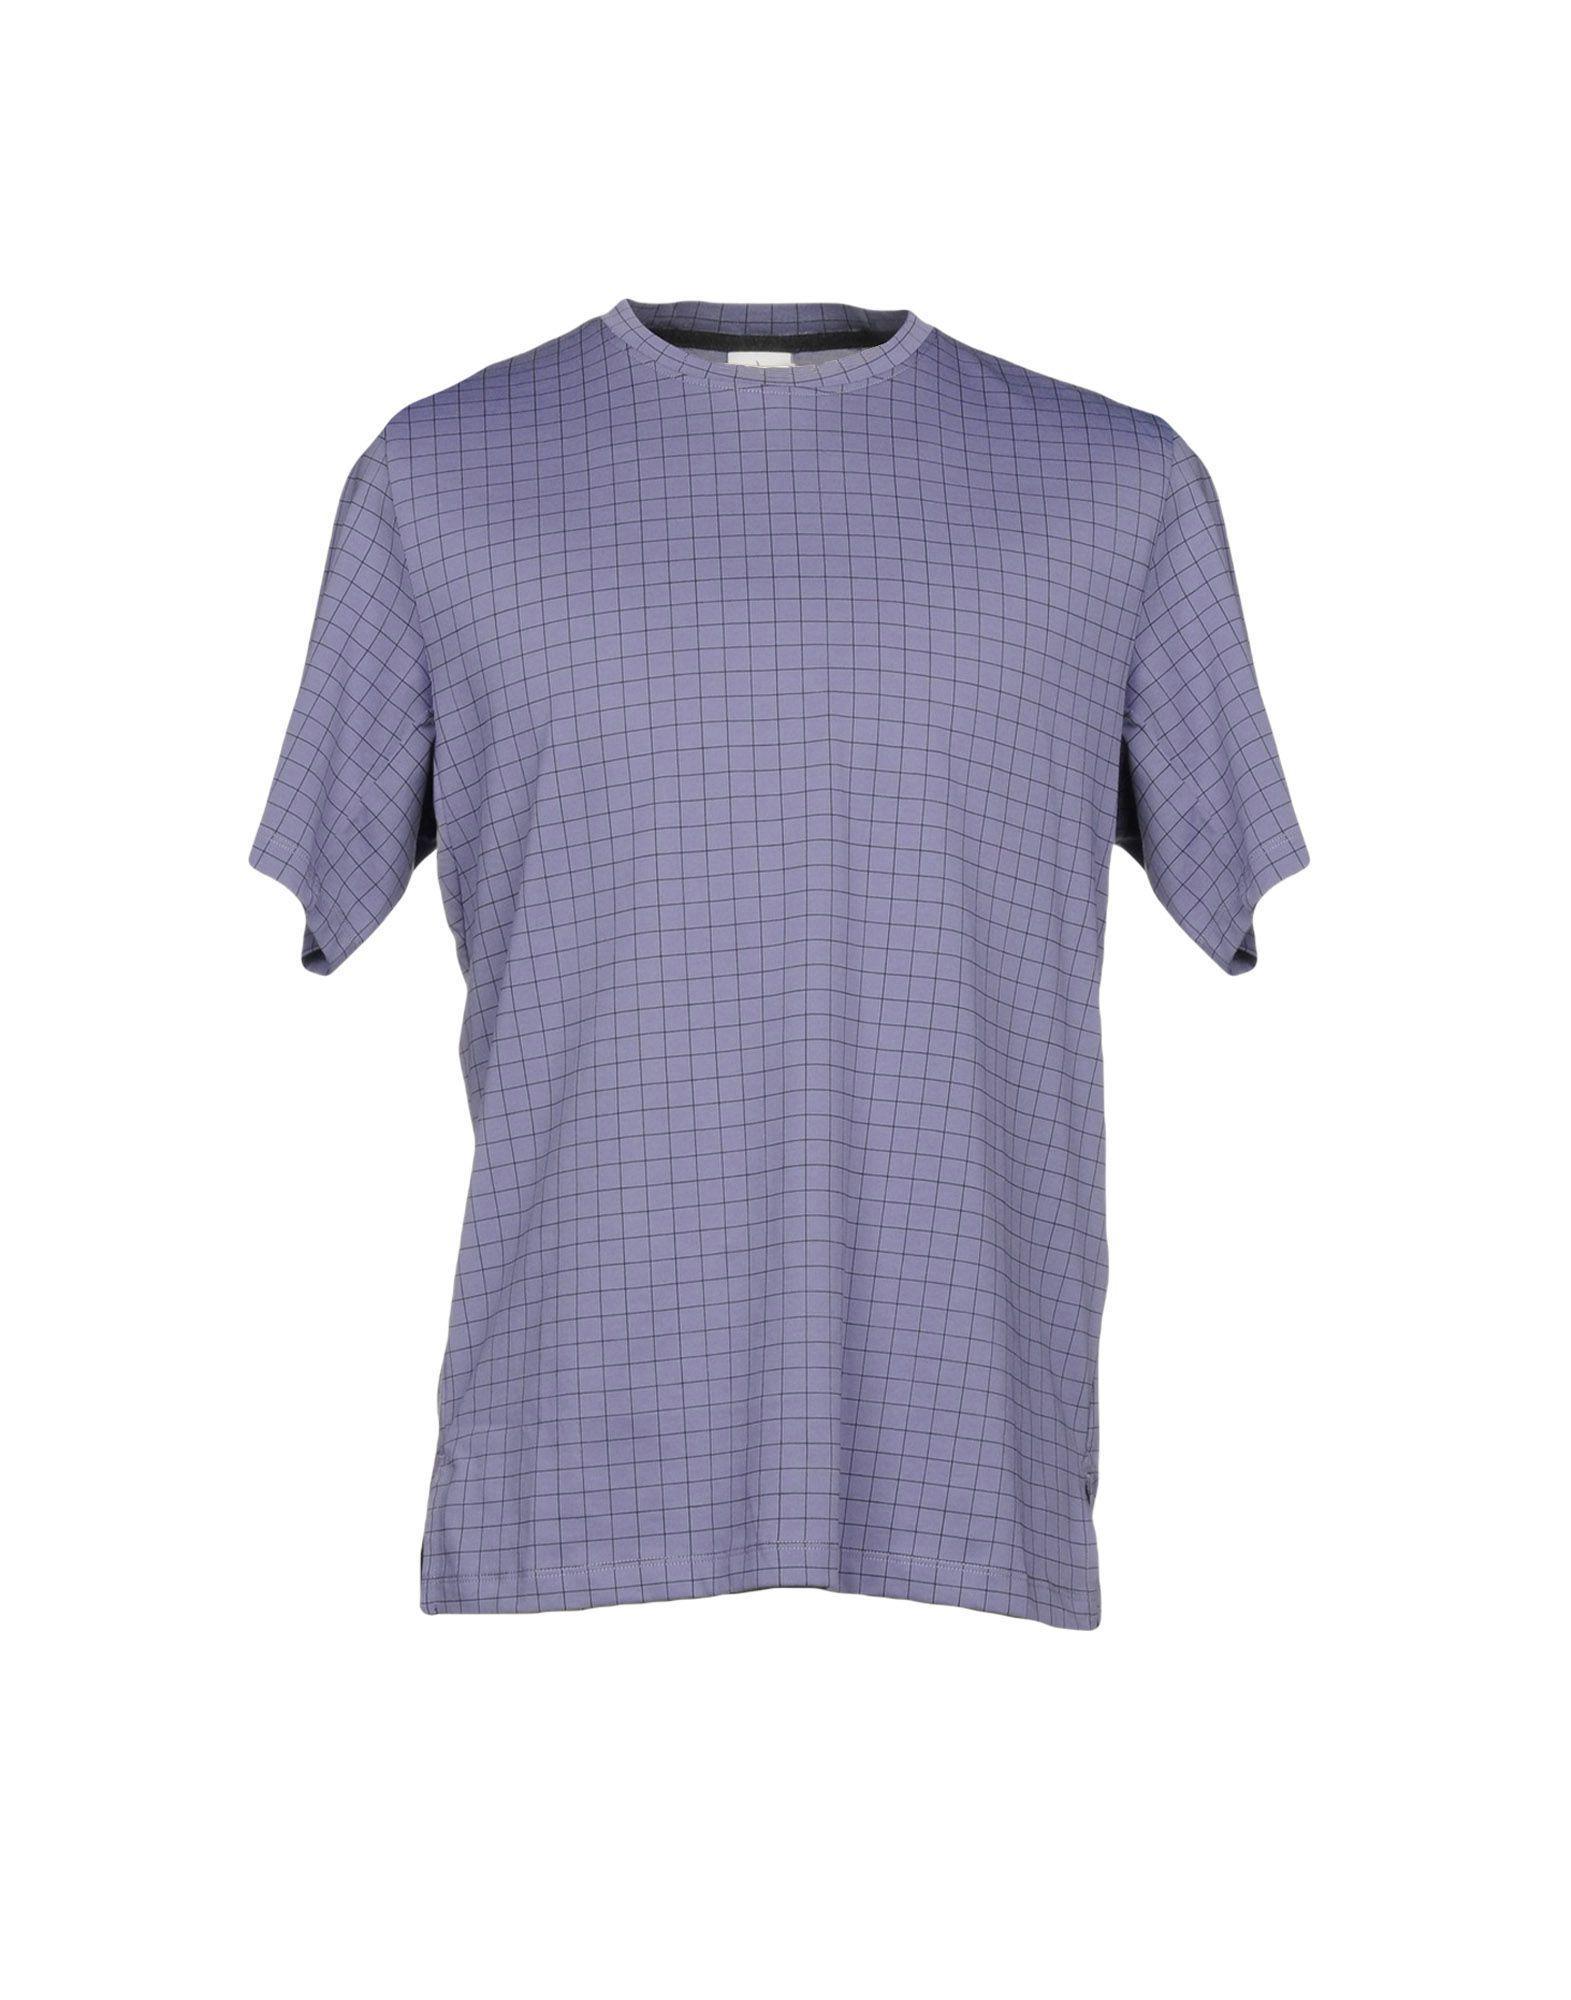 Nike T-shirts In Purple